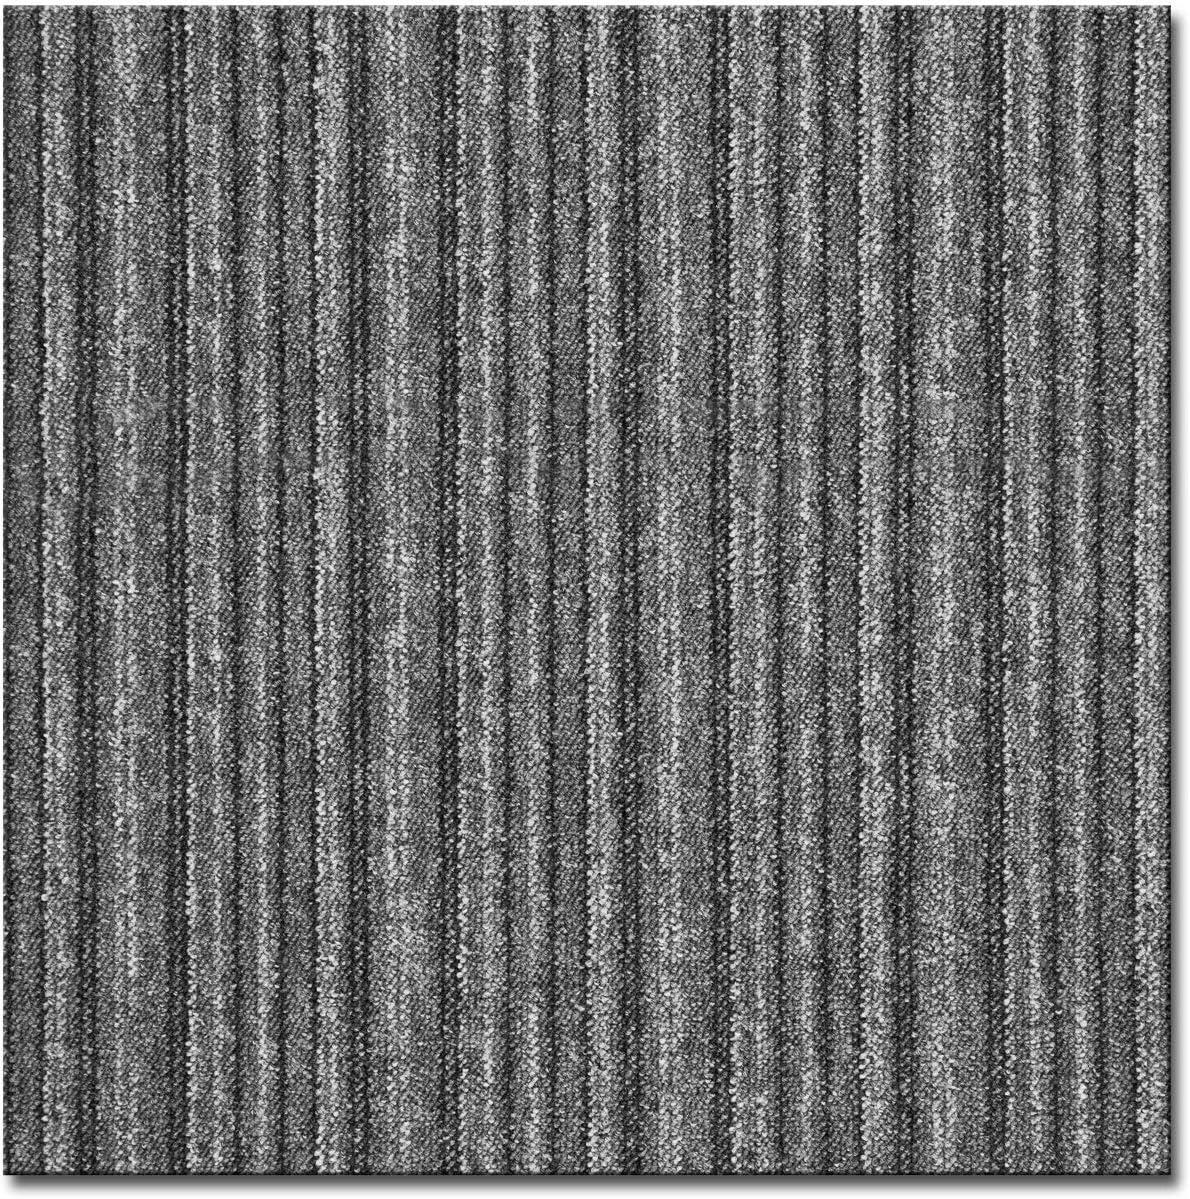 casa pura Teppichfliesen Vienna selbstliegend je 50x50 cm hochwertiger Bitumen R/ücken anthrazit gestreift - 4 St/ück = 1qm strapazierf/ähiger Bodenbelag f/ür B/üro und Gewerbe